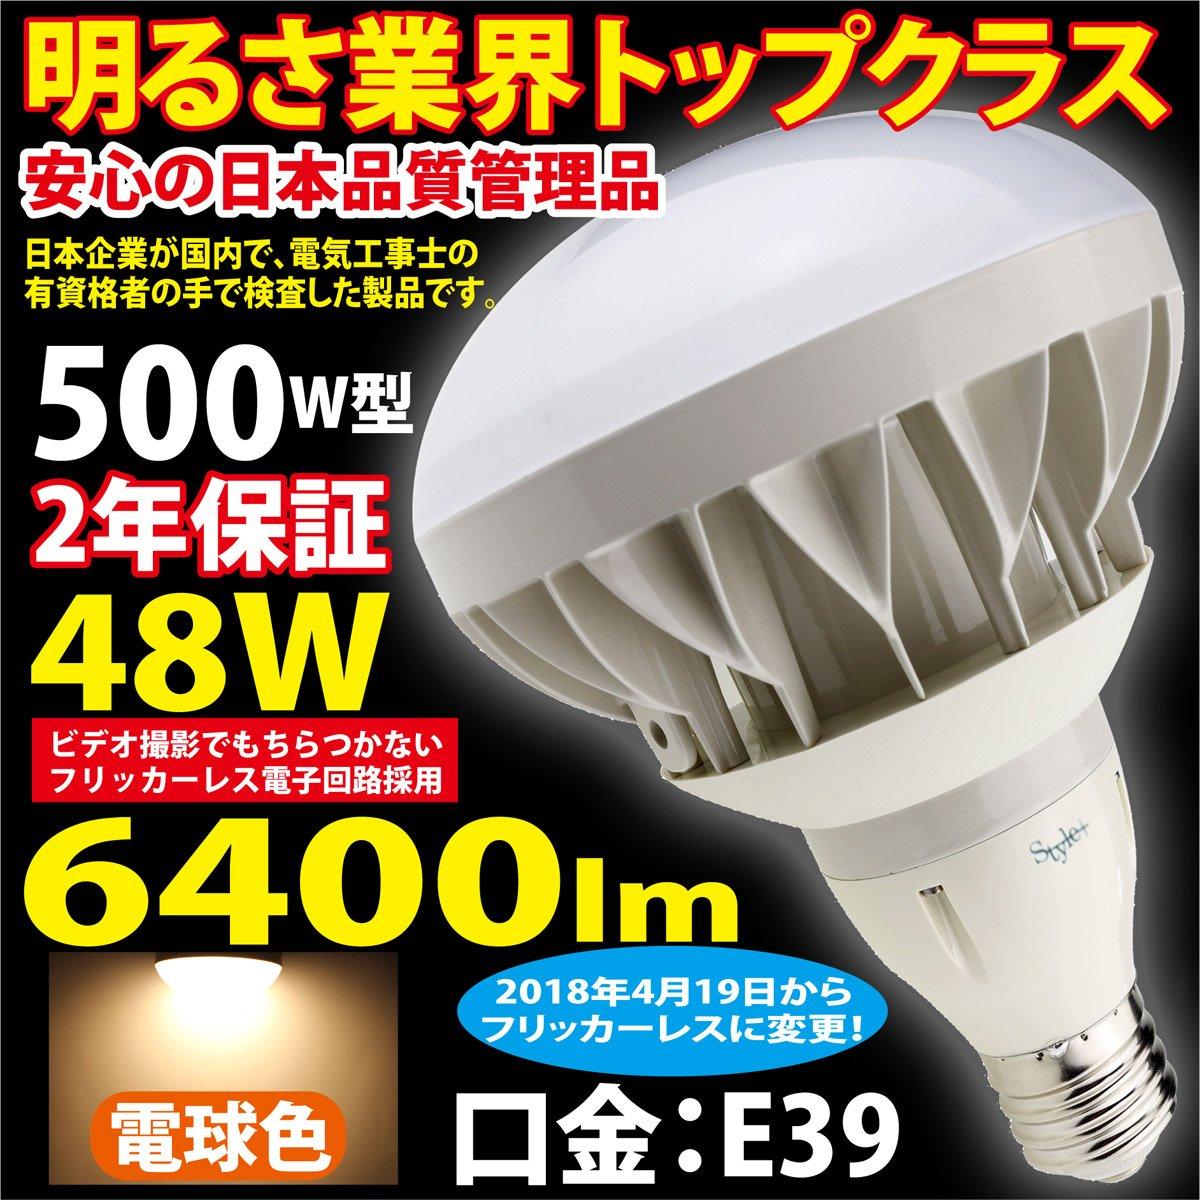 【安心の日本メーカー品2年保証】業界トップクラス48W 【電球色】で6400lmの明るさ!スタイルプラス LED屋外用電球(500W型48W)フリッカーフリー TK-PAR56-48W 【電球色3000K】300W~500Wのバラストレス水銀灯、アイランプ、レフランプの代替品 B071D3MP18